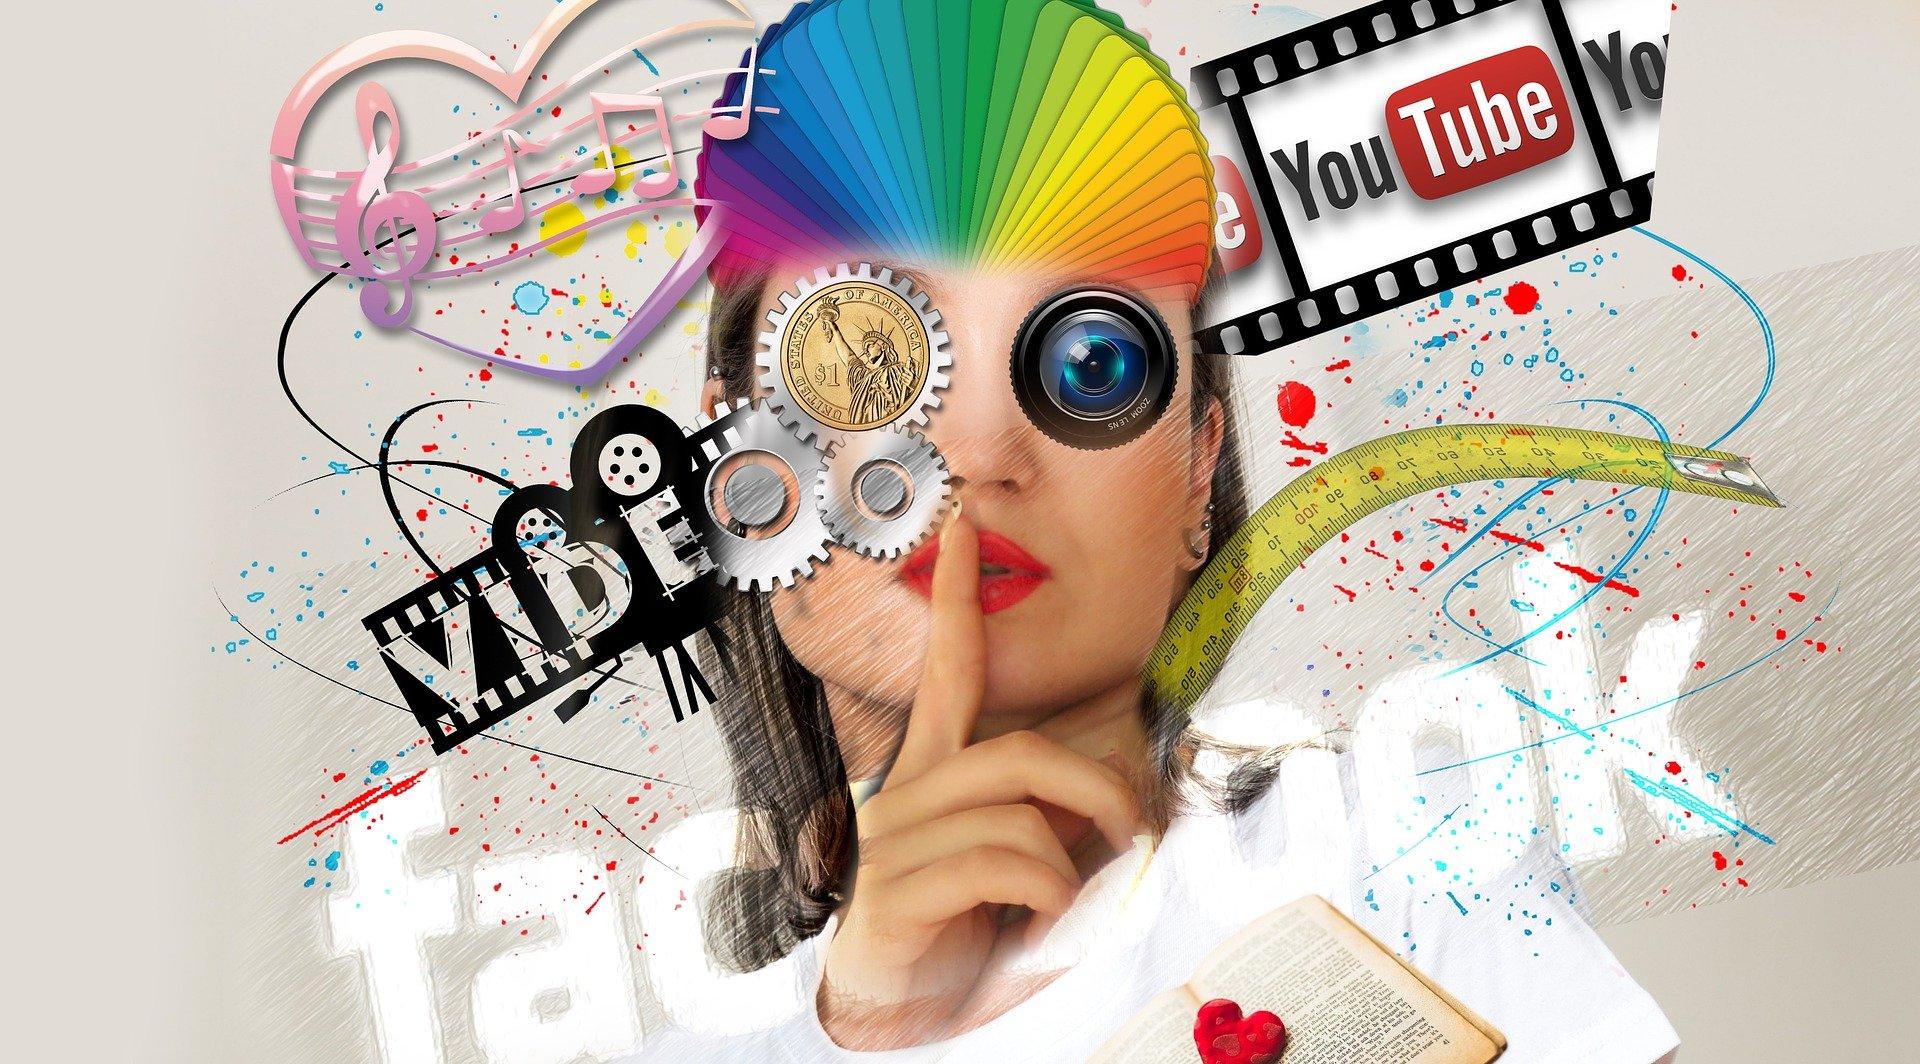 youtube zentineglobal